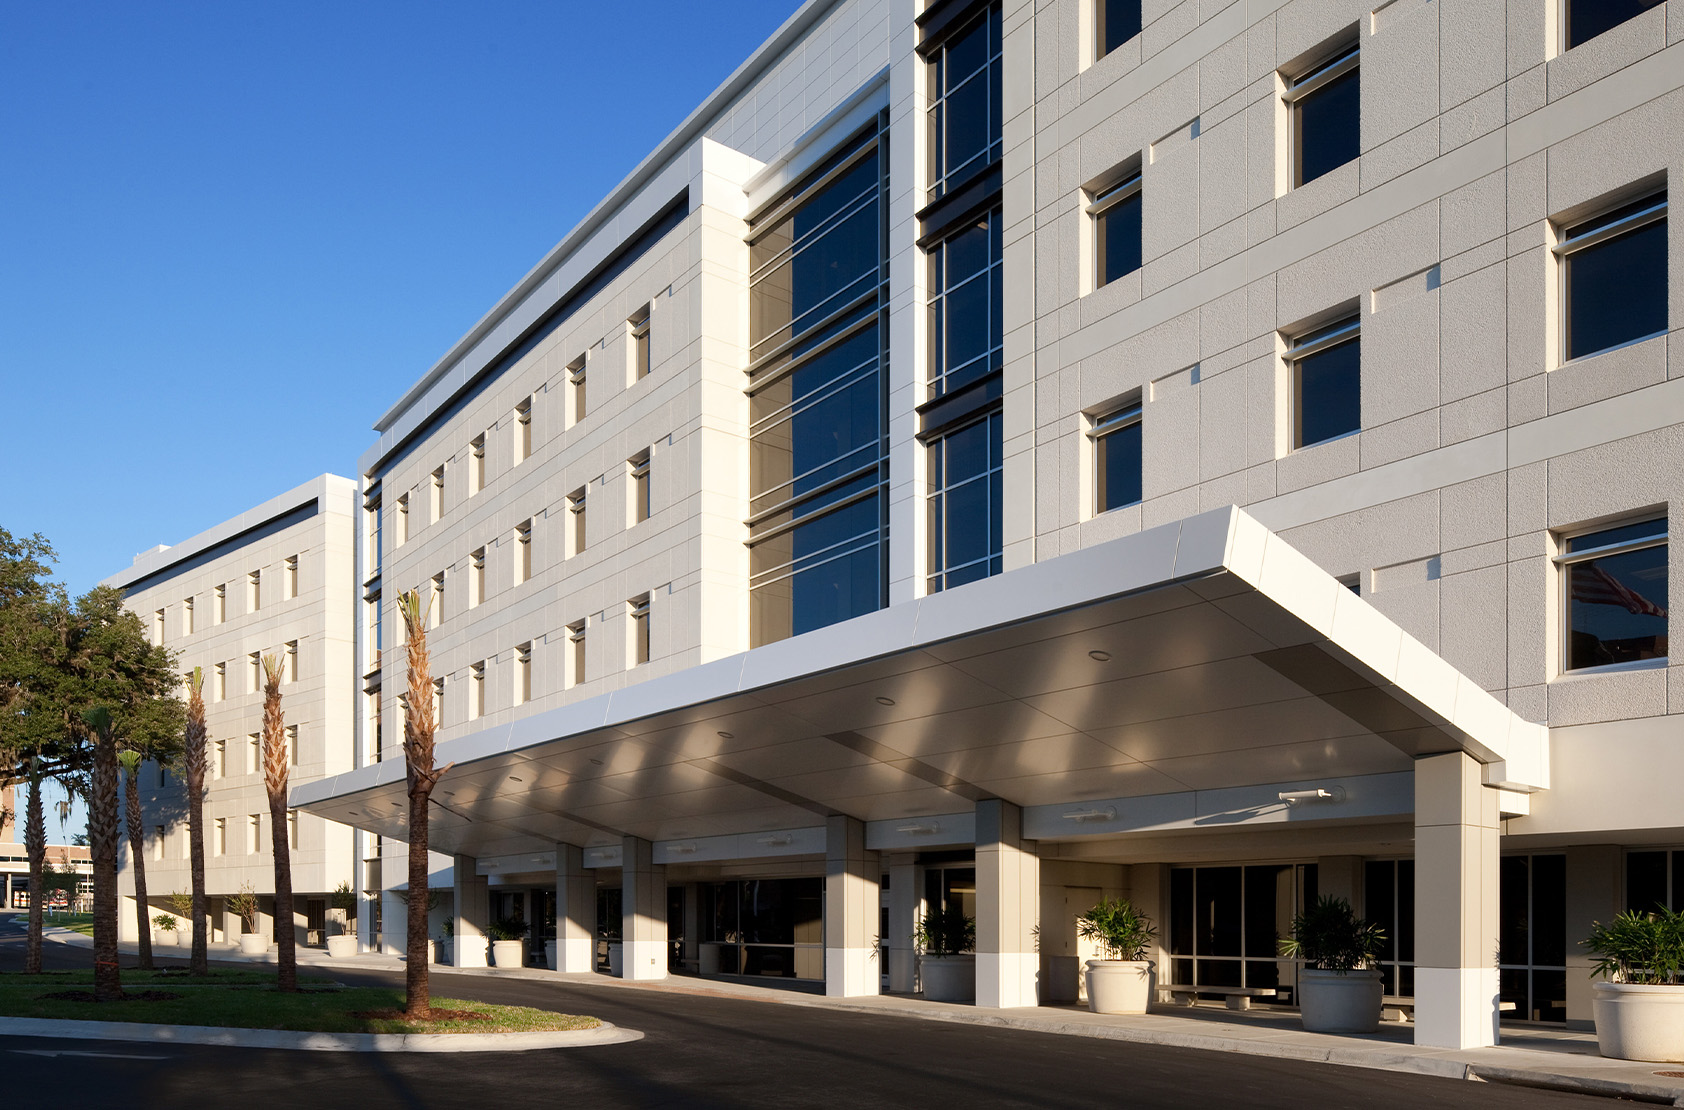 Malcom Randall - VA Medical Center